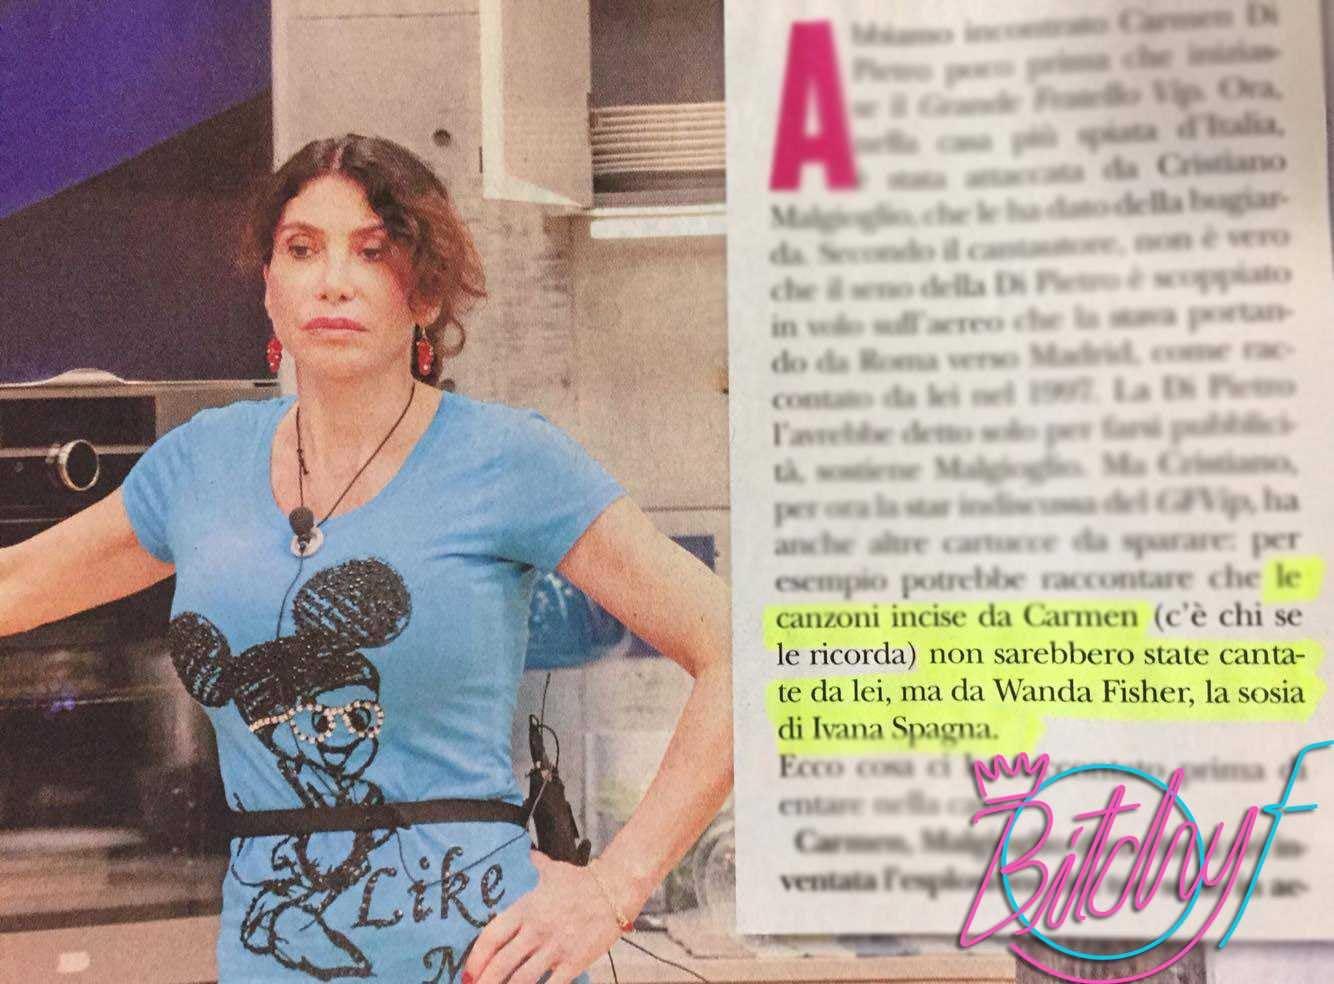 Carmen Di Pietro Wanda Fisher